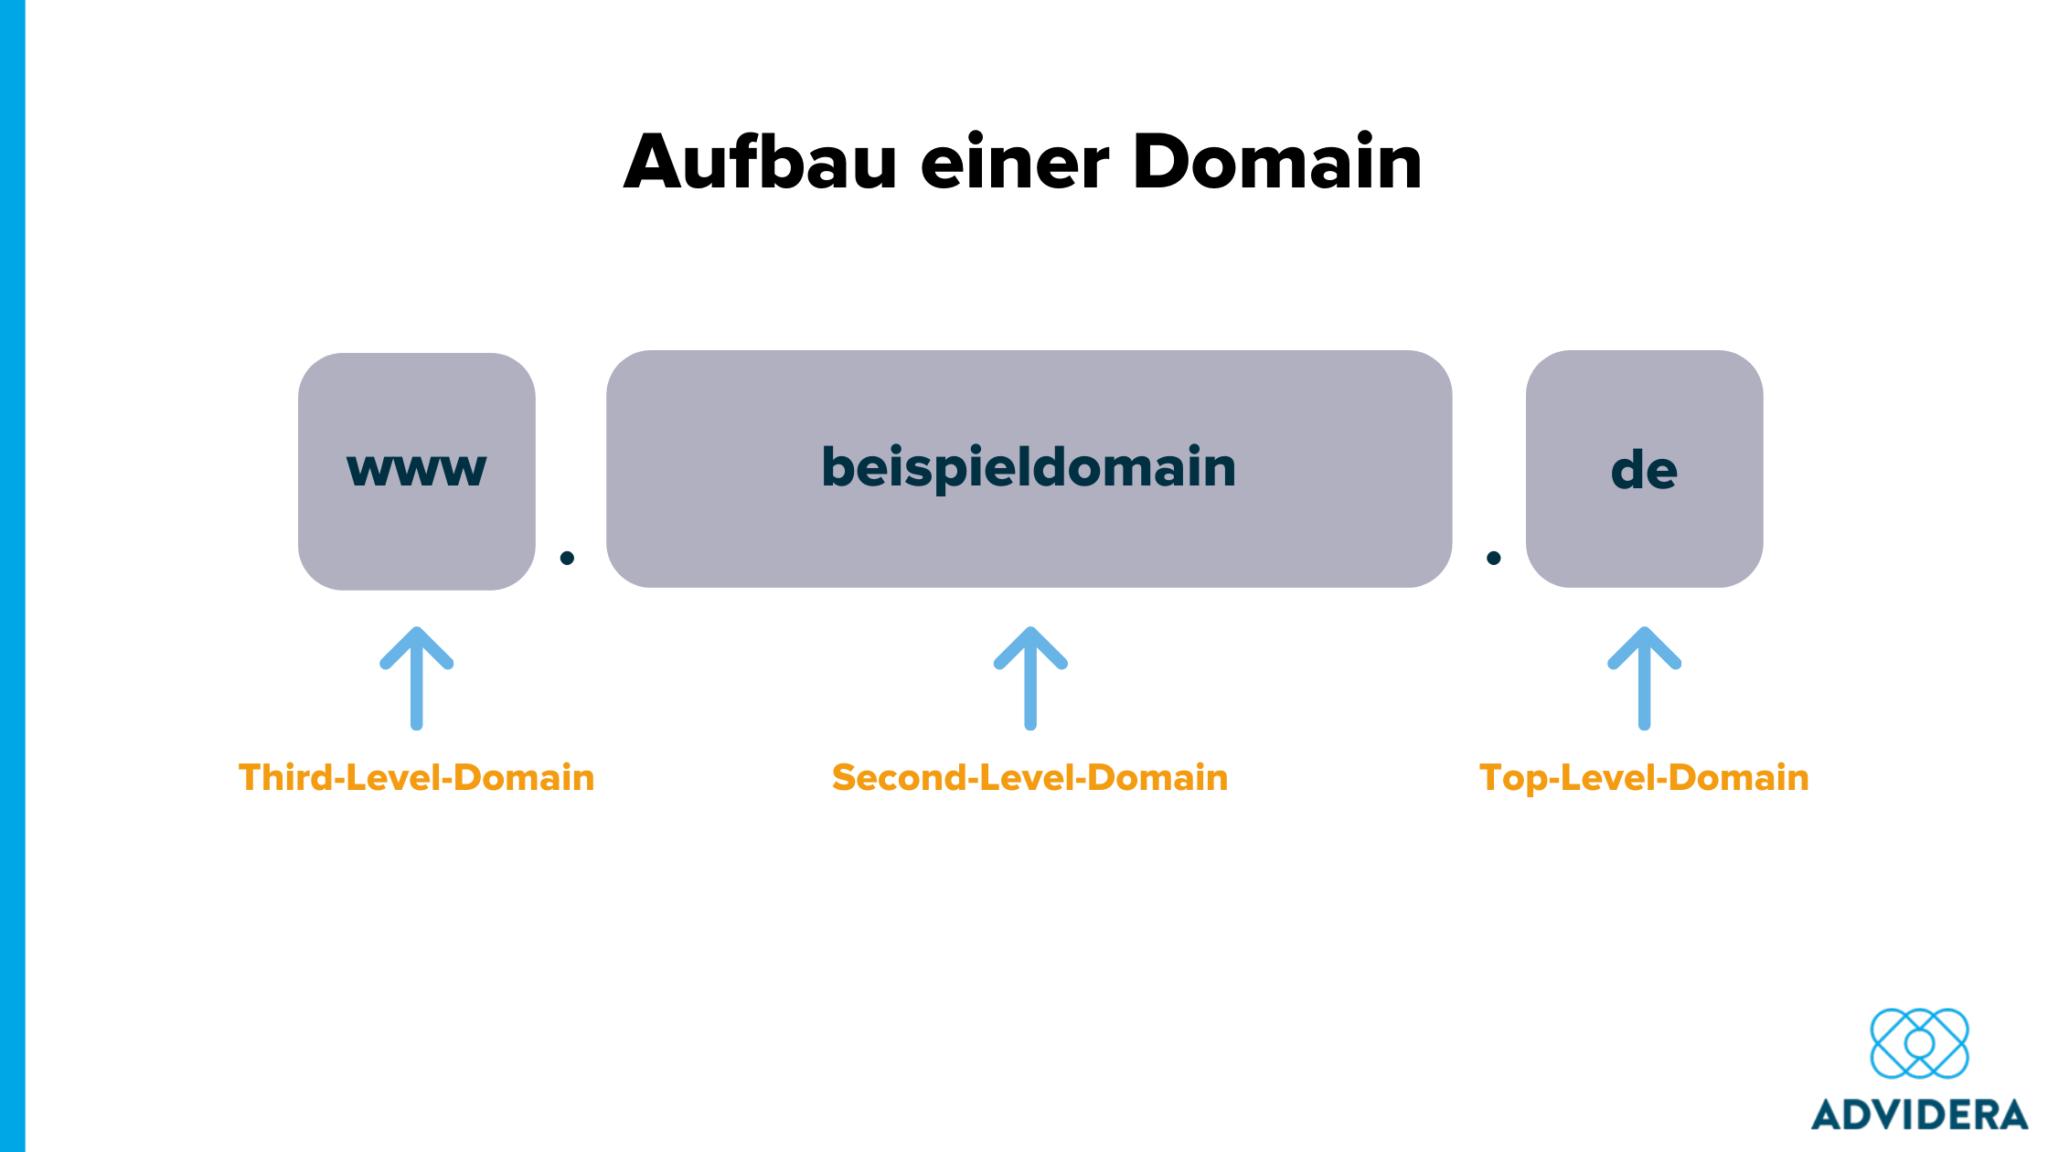 Cybersquatting Aufbau einer Domain